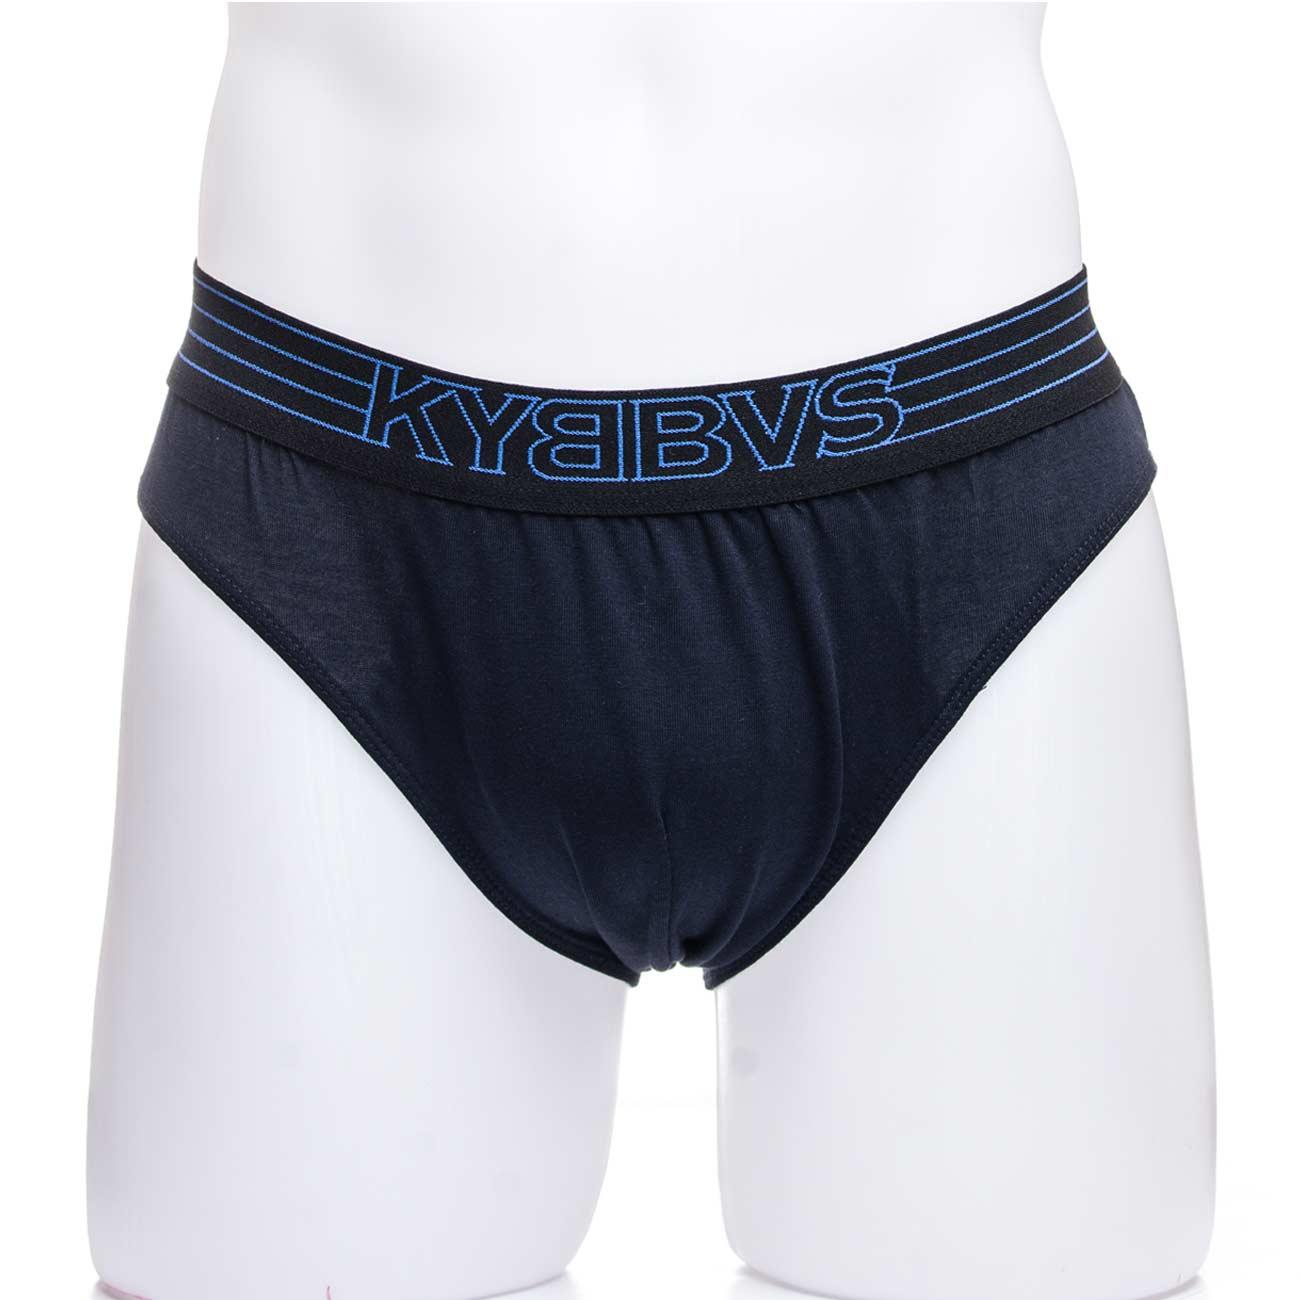 Ανδρικό Slip Kybbus - 996 μπλε – UnderThings.gr 175c0752557